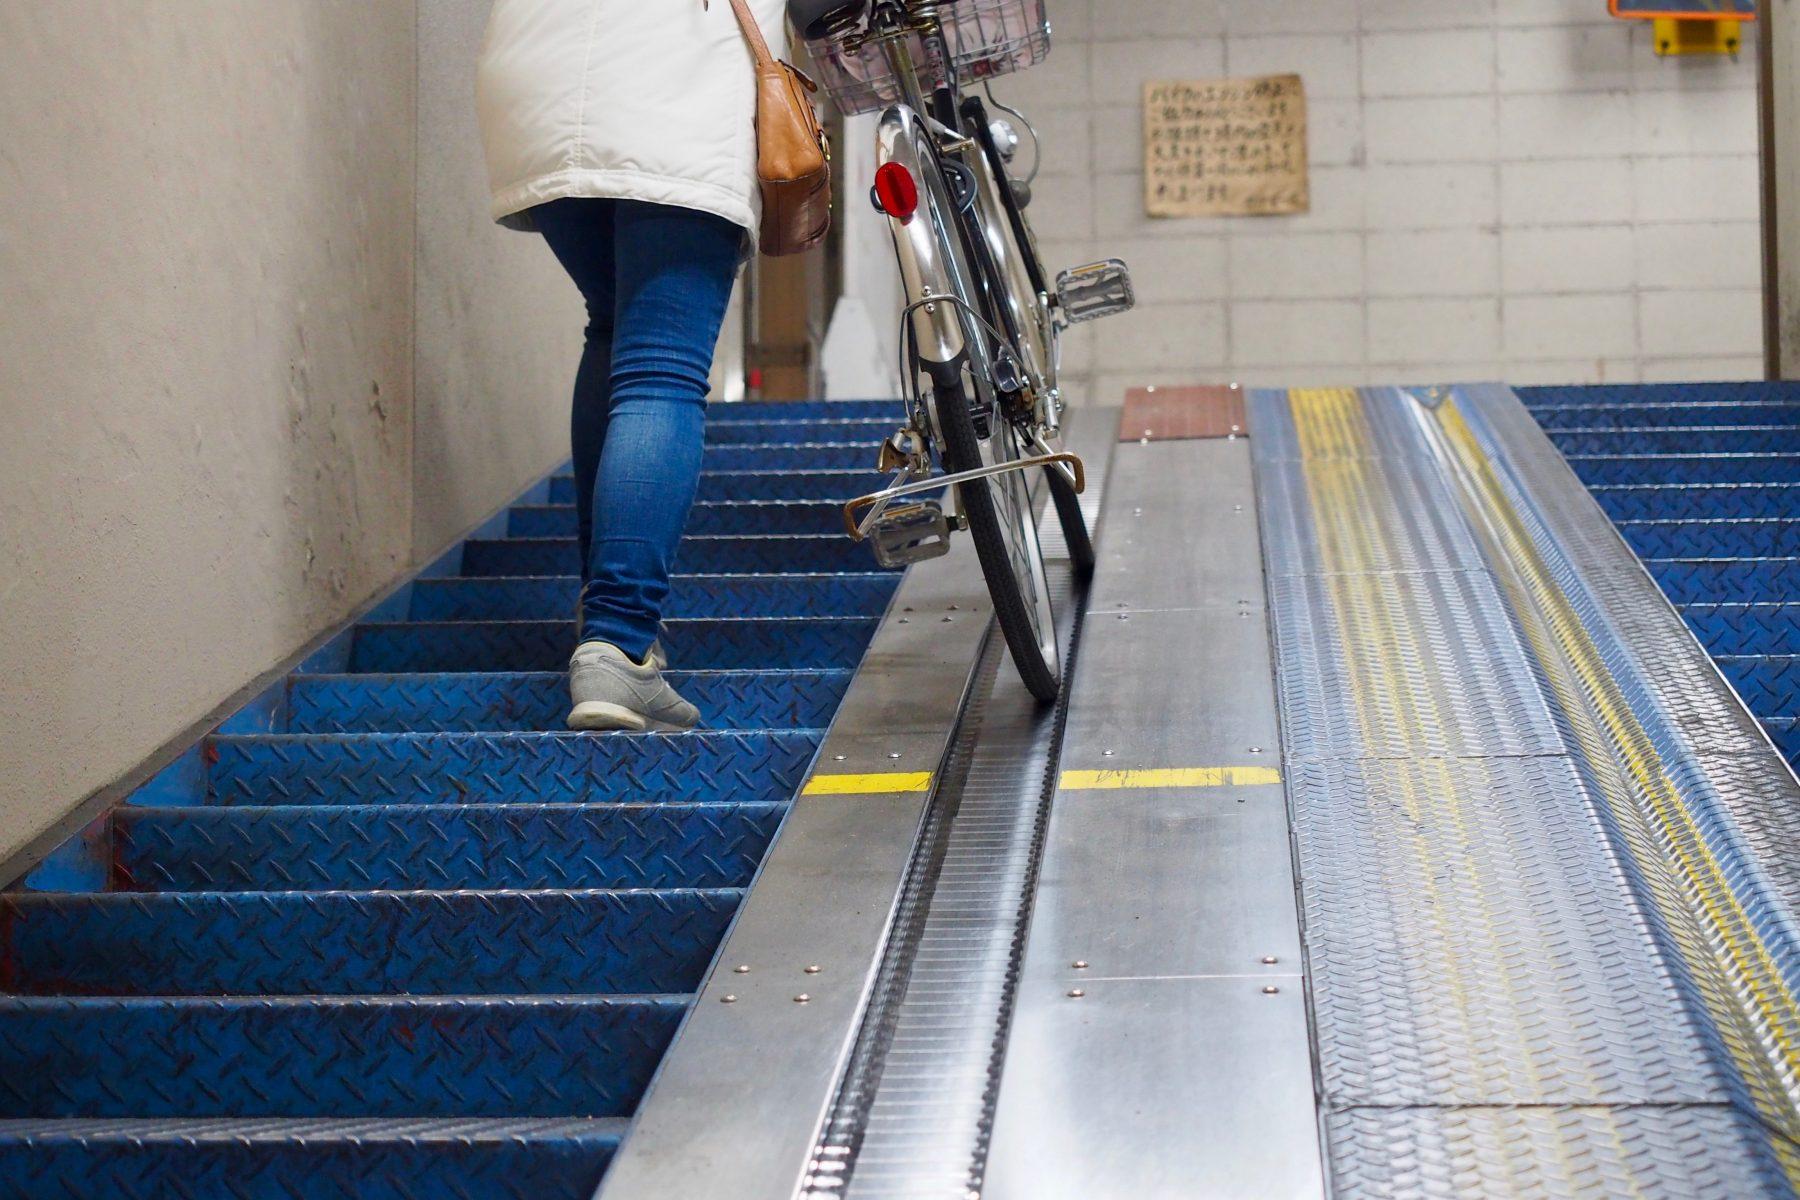 Automatische Laufbänder helfen dabei, Fahrräder aus dem Parkhaus zu transportieren. Foto: Annika Demgen